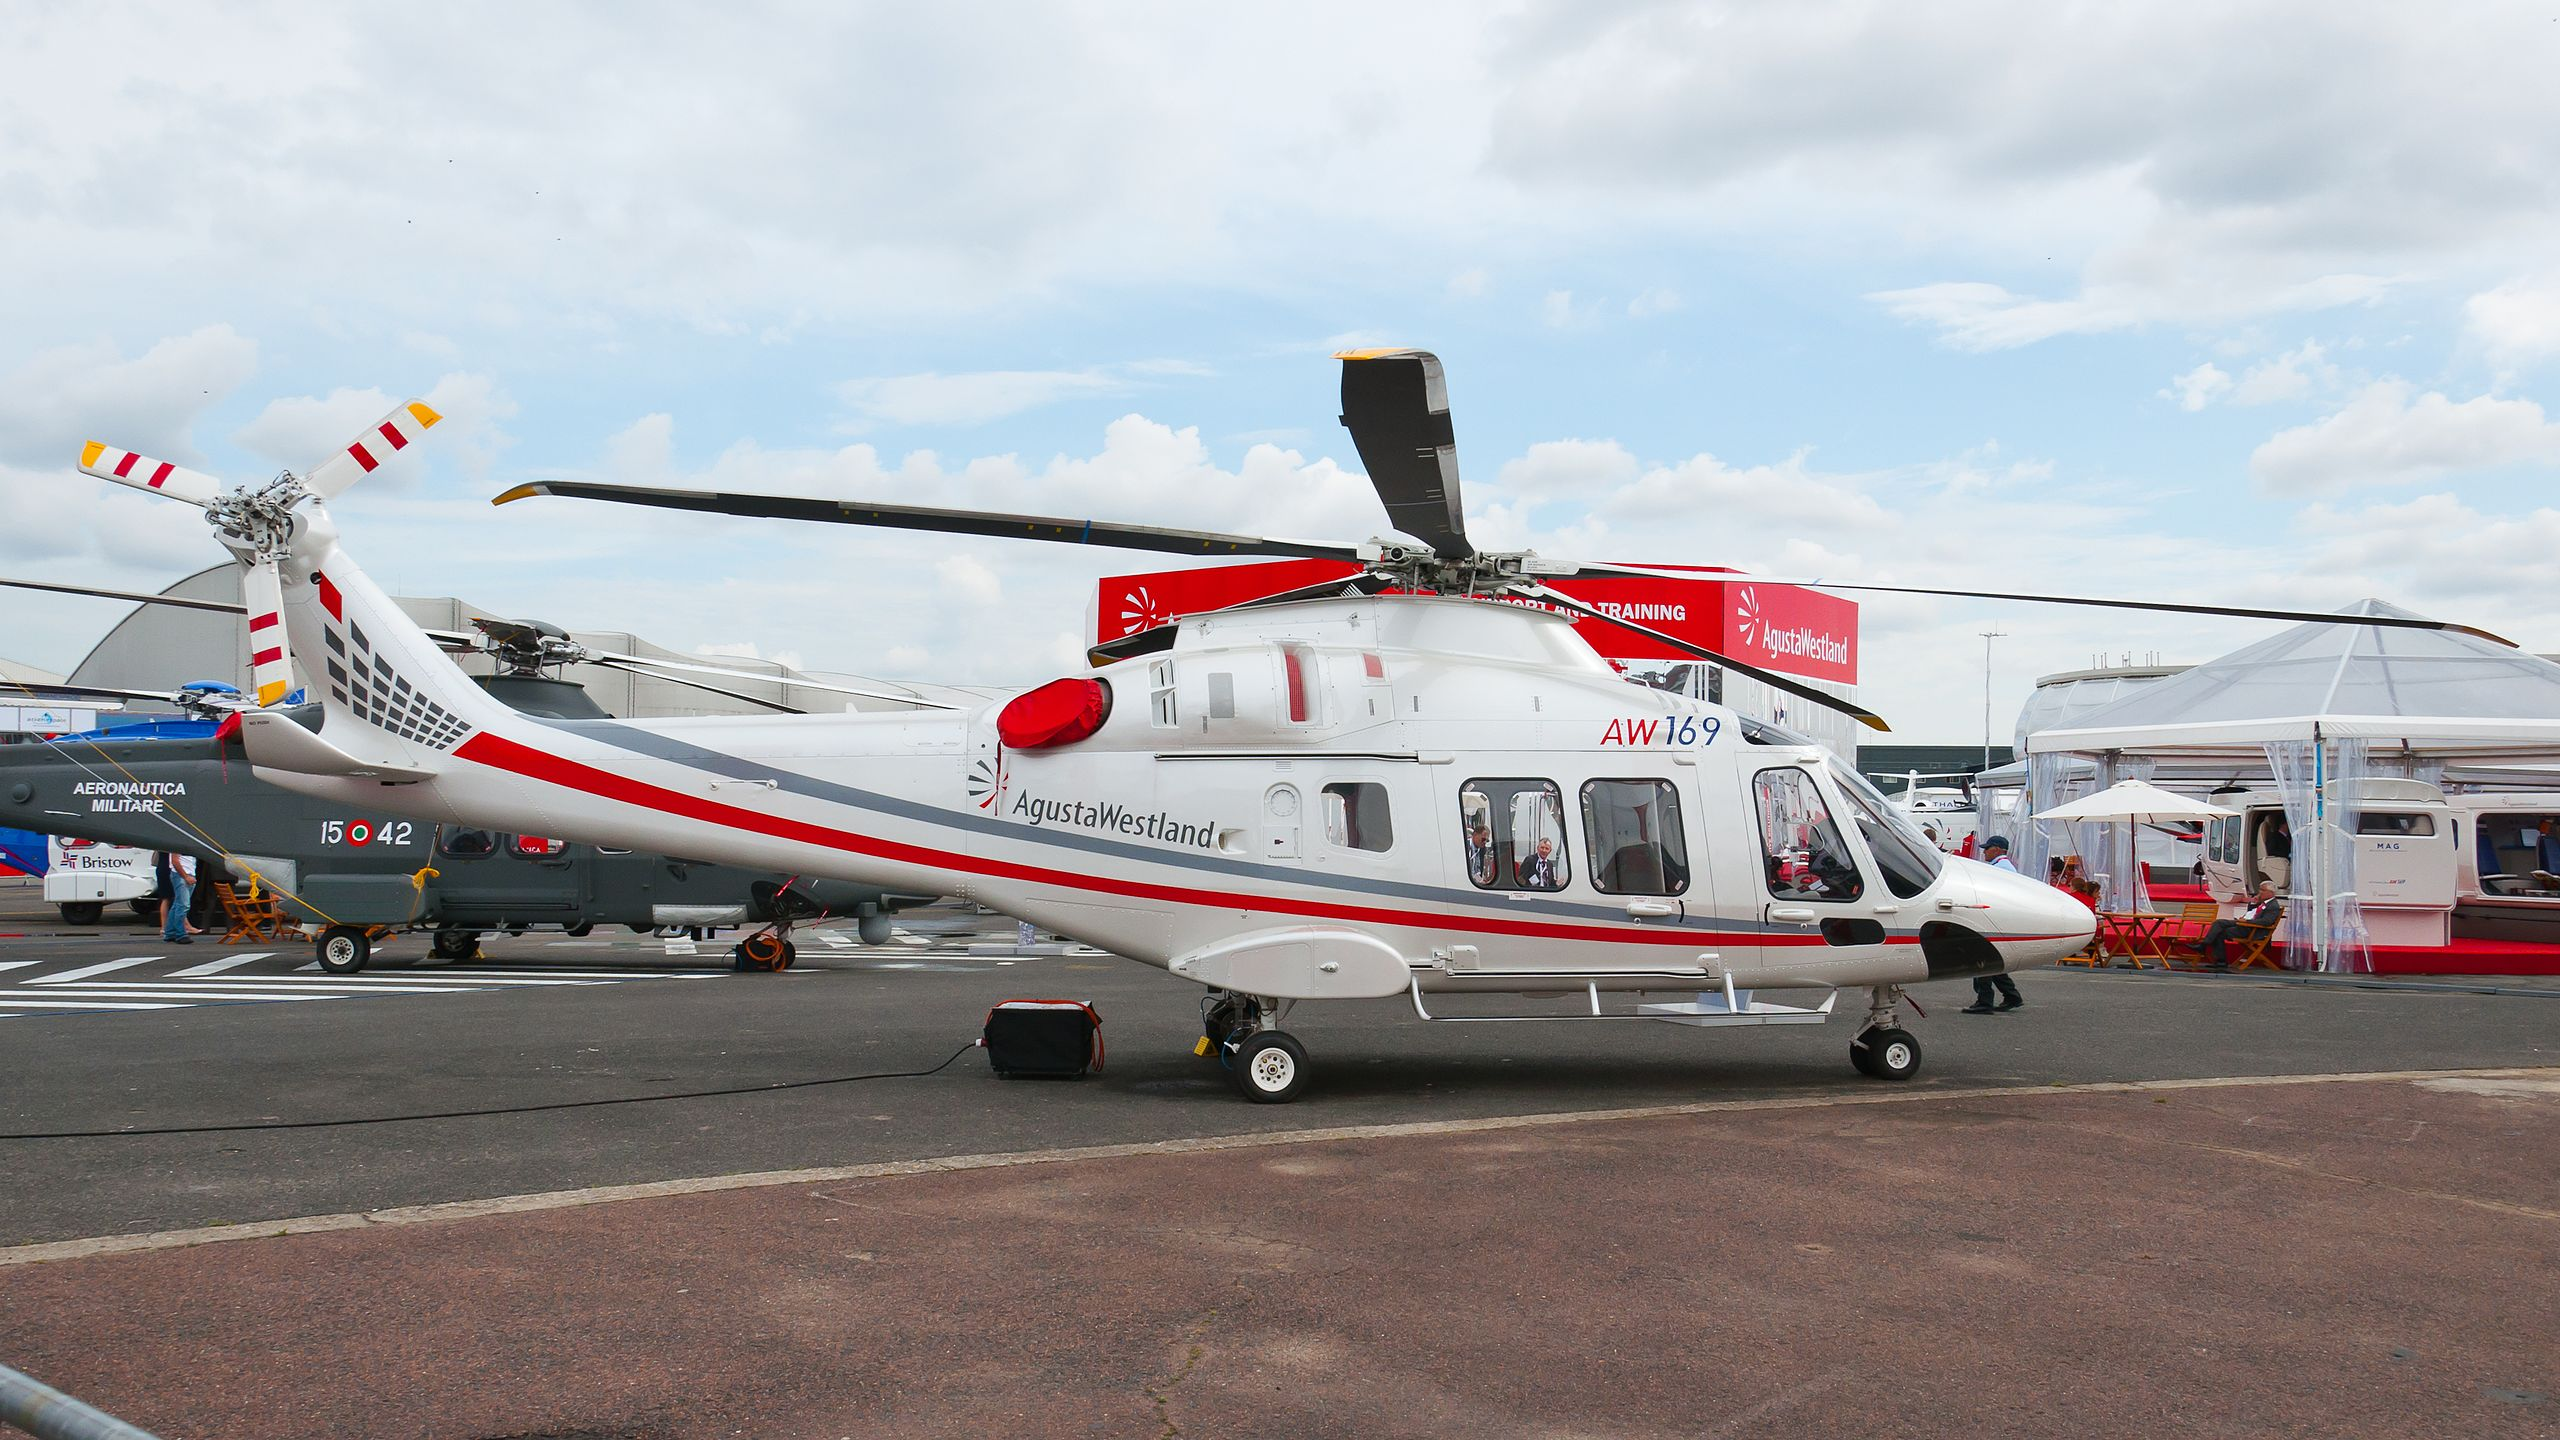 Avgusta Westland helikopter Vir:Wikipedia